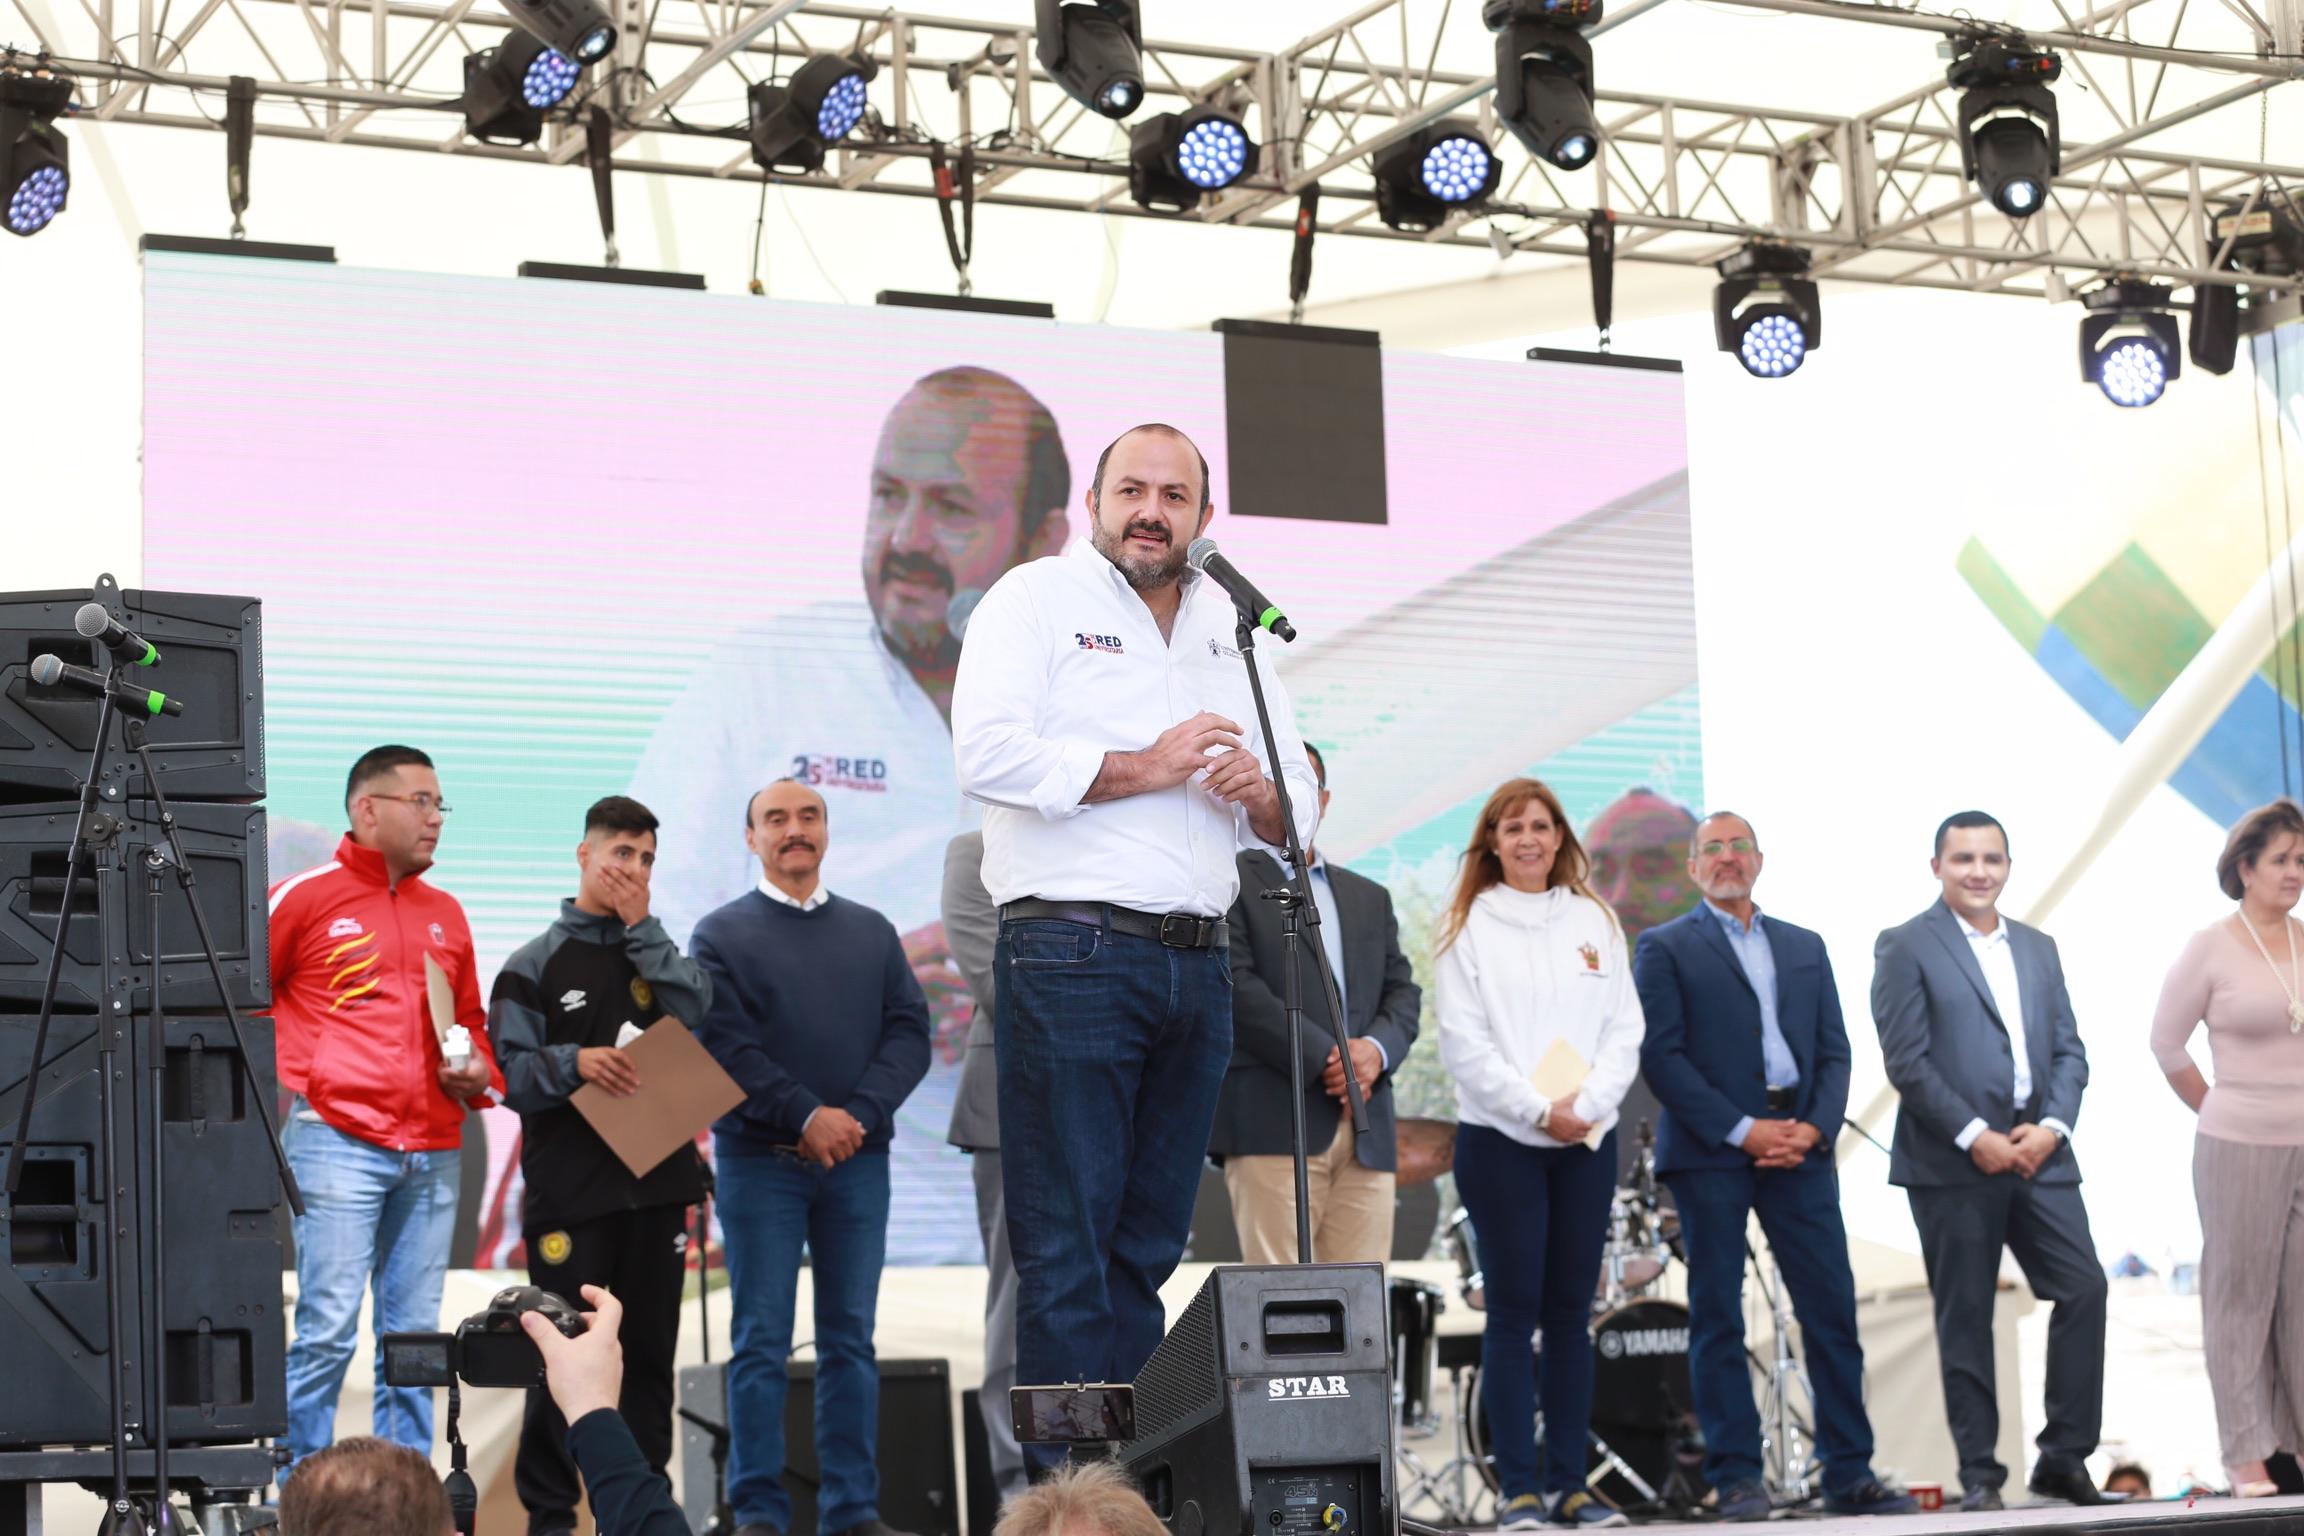 En su discurso el doctor Ricardo Villanueva Lomelì, en actividades del Festival Regional CUNorte, con motivo de los 25 años de la Red